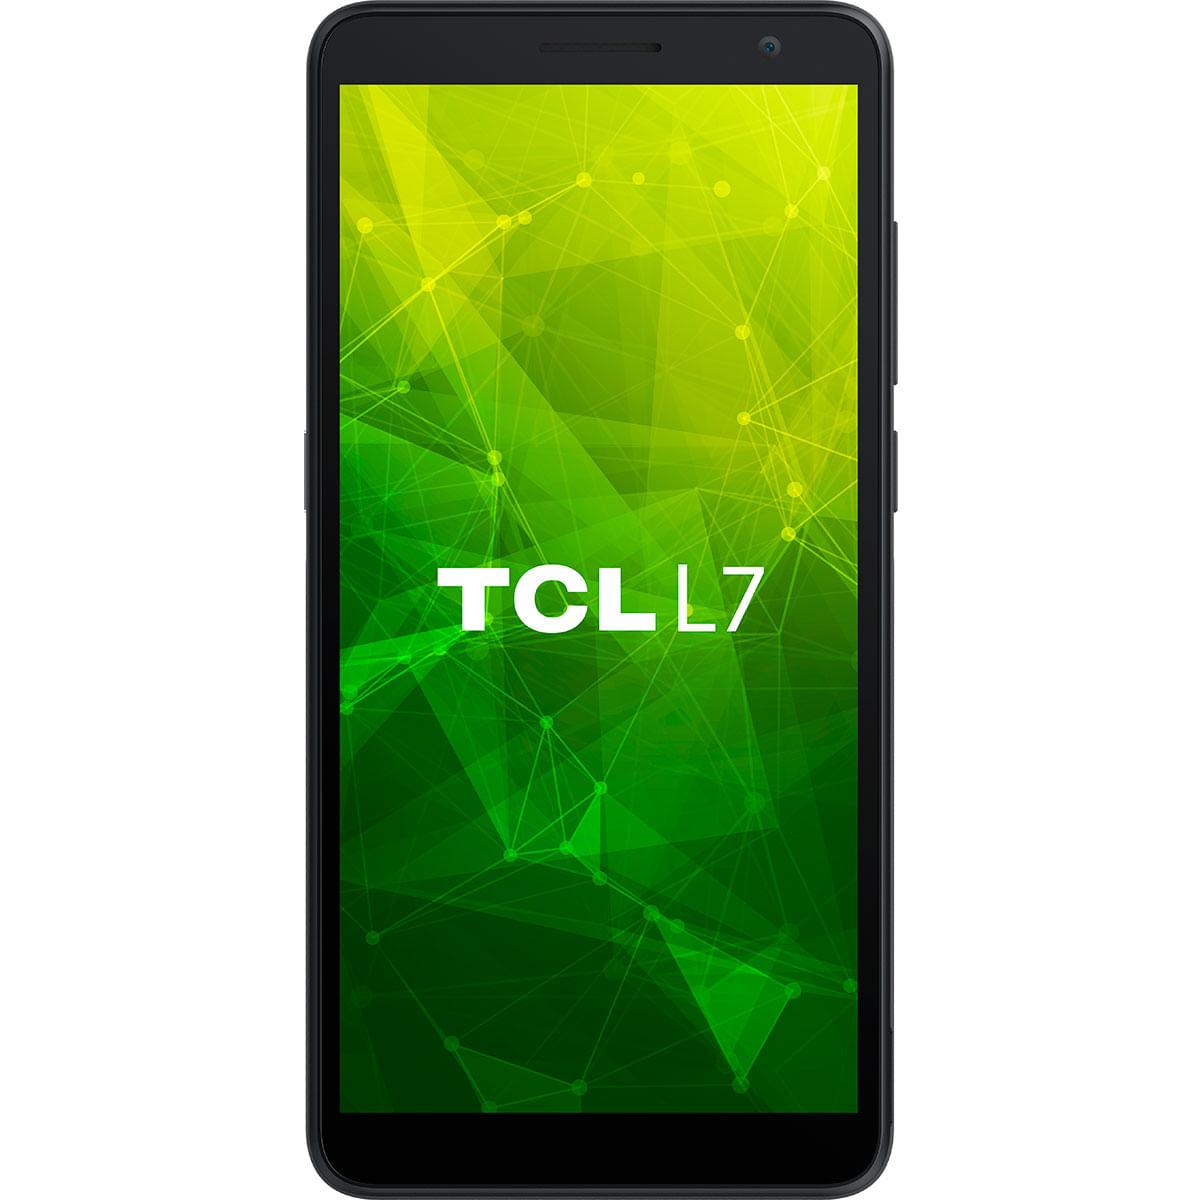 Imagem de Smartphone TCL L7 32GB